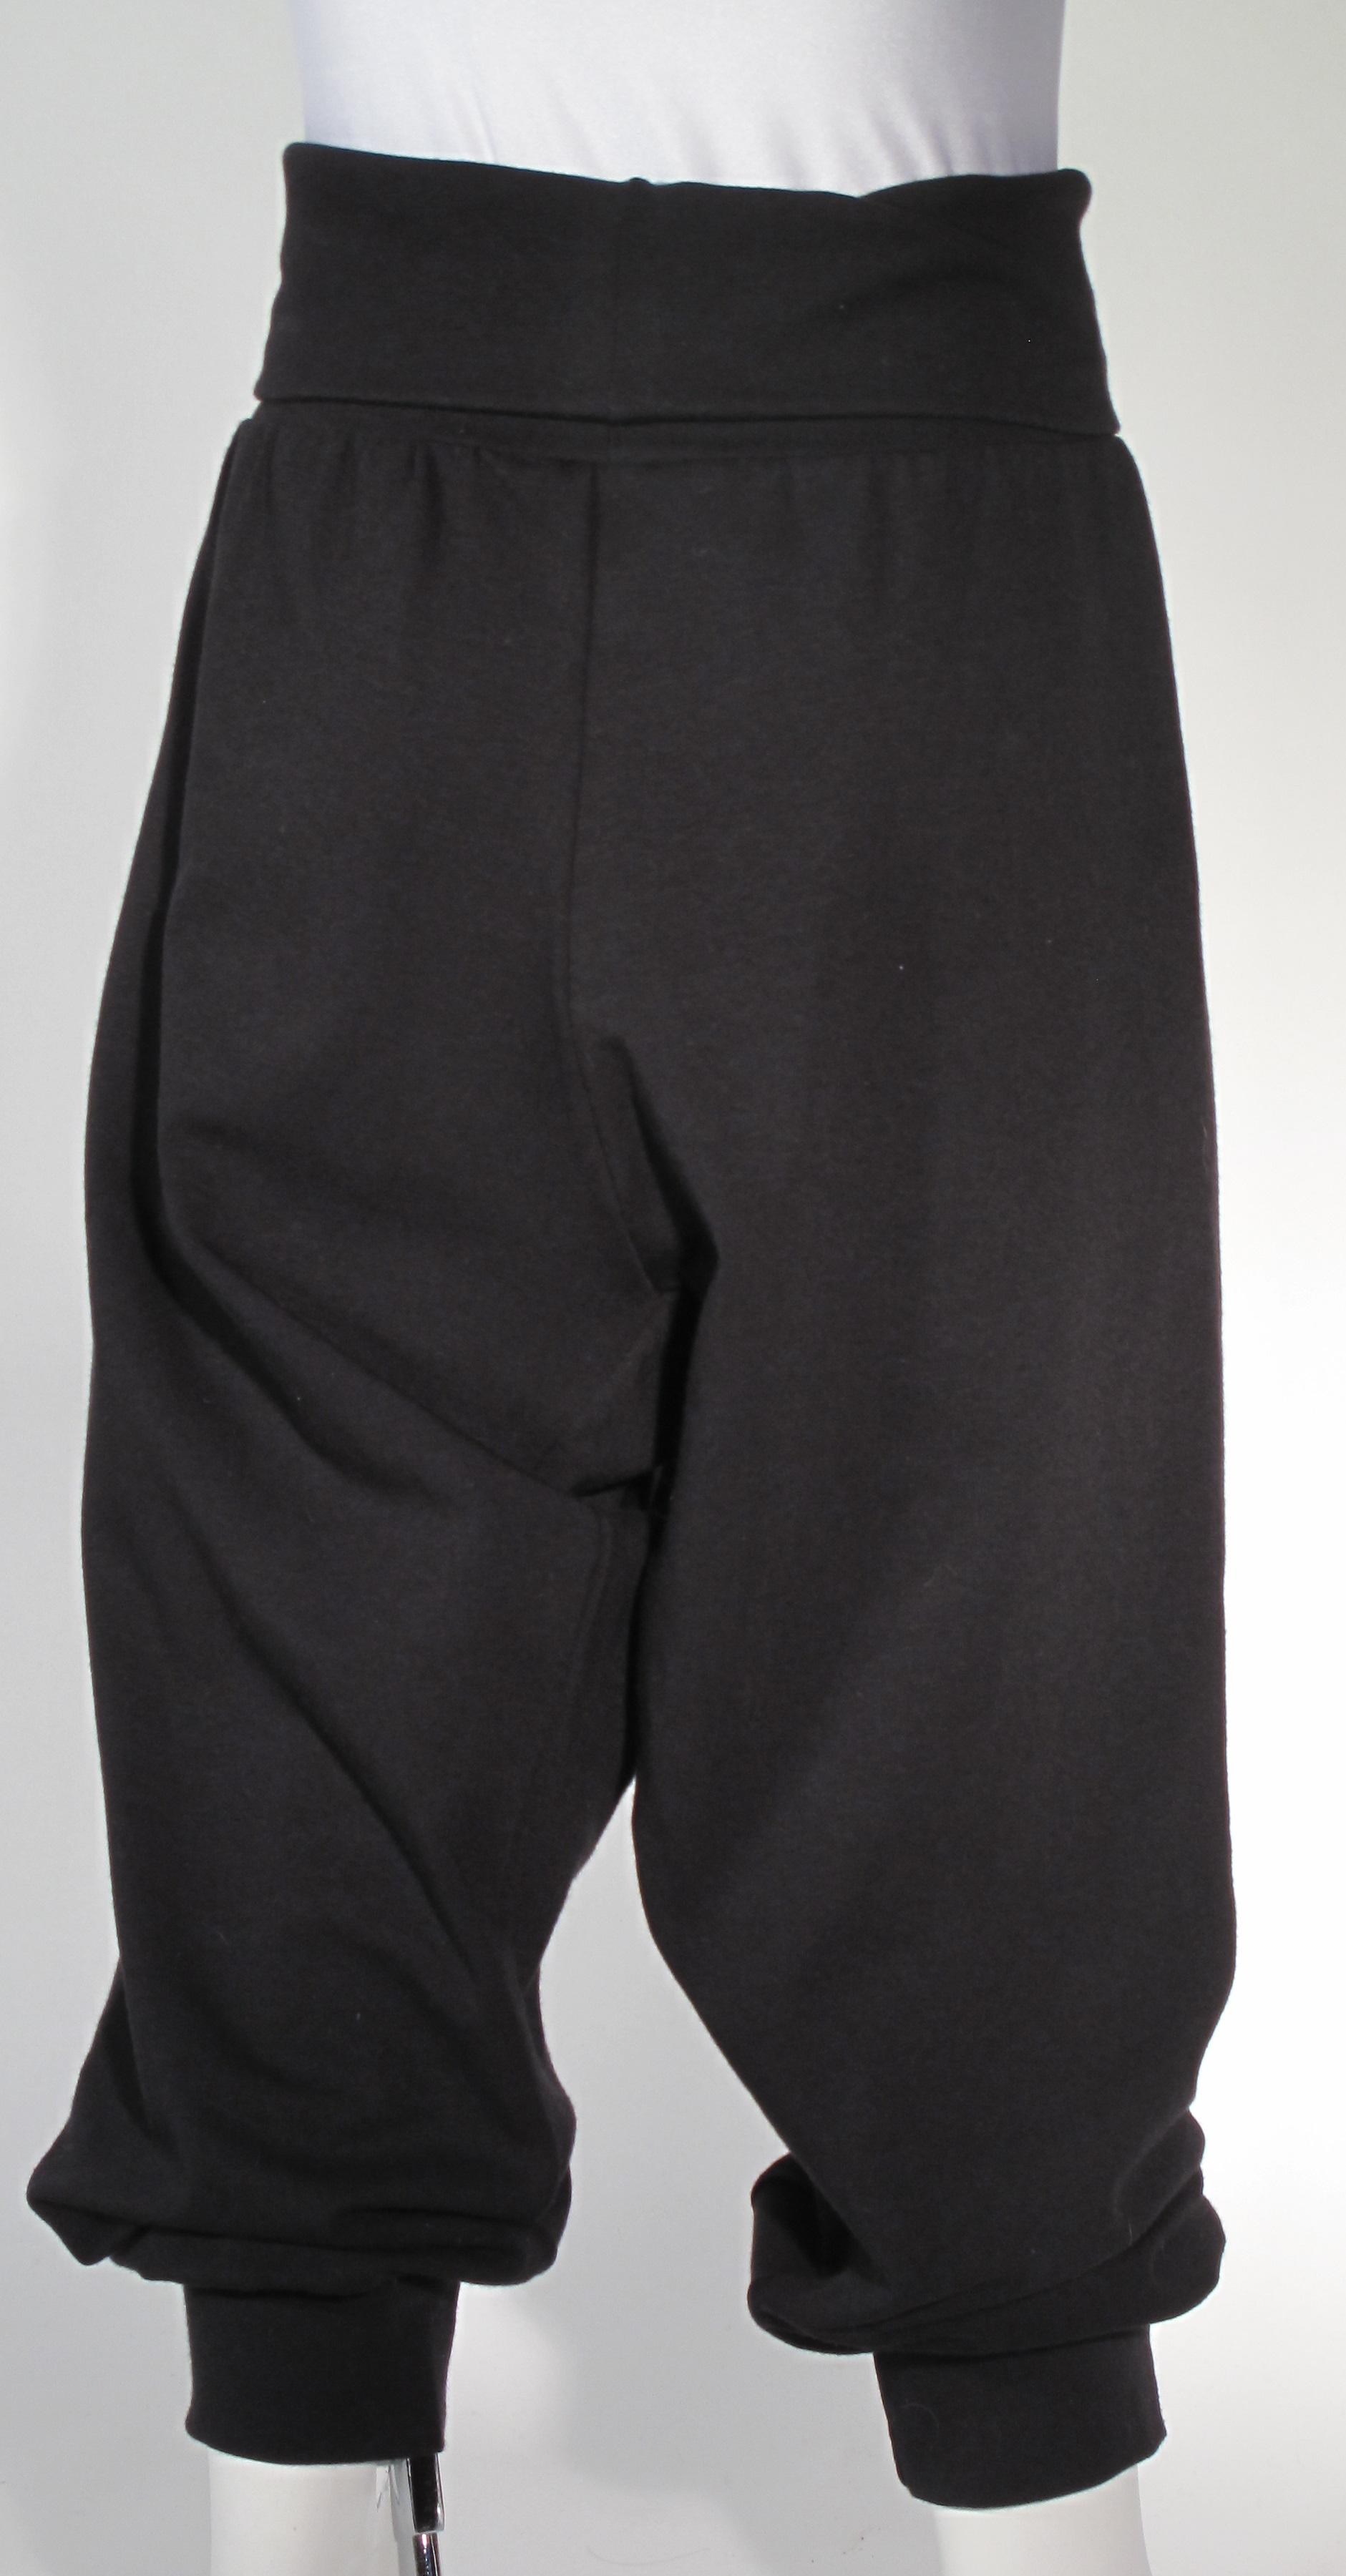 Fynky pants